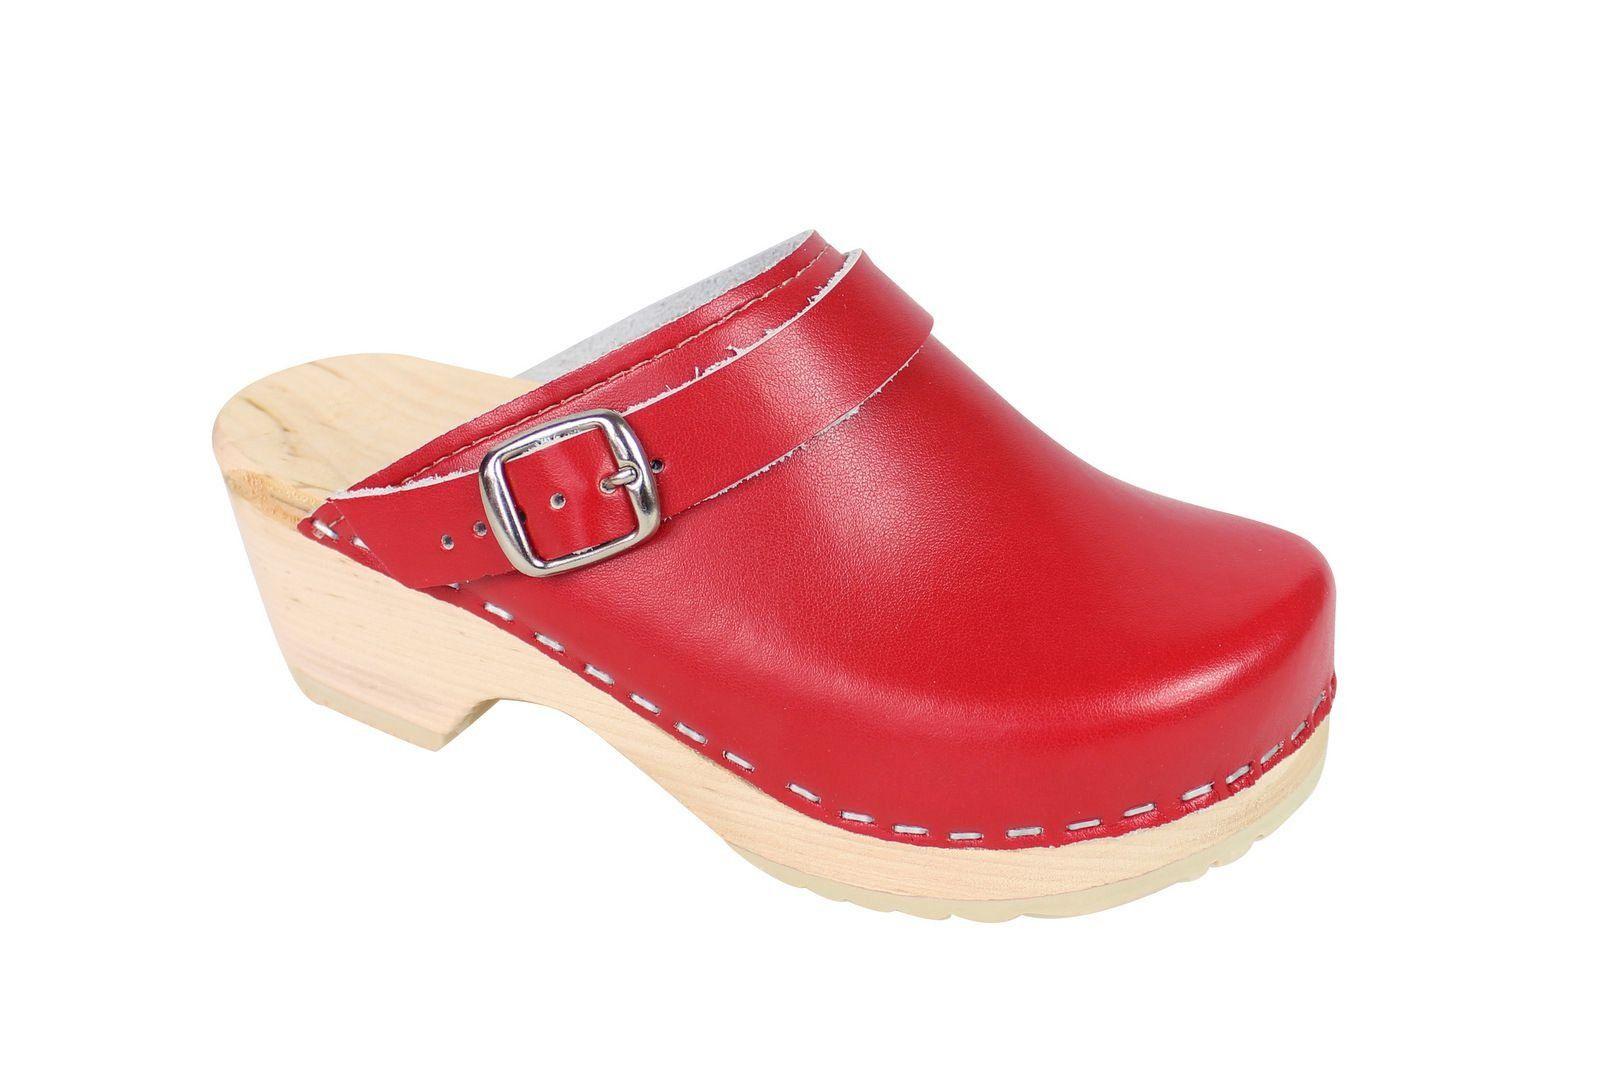 Little Lotta's Kids Classic Clogs in Red